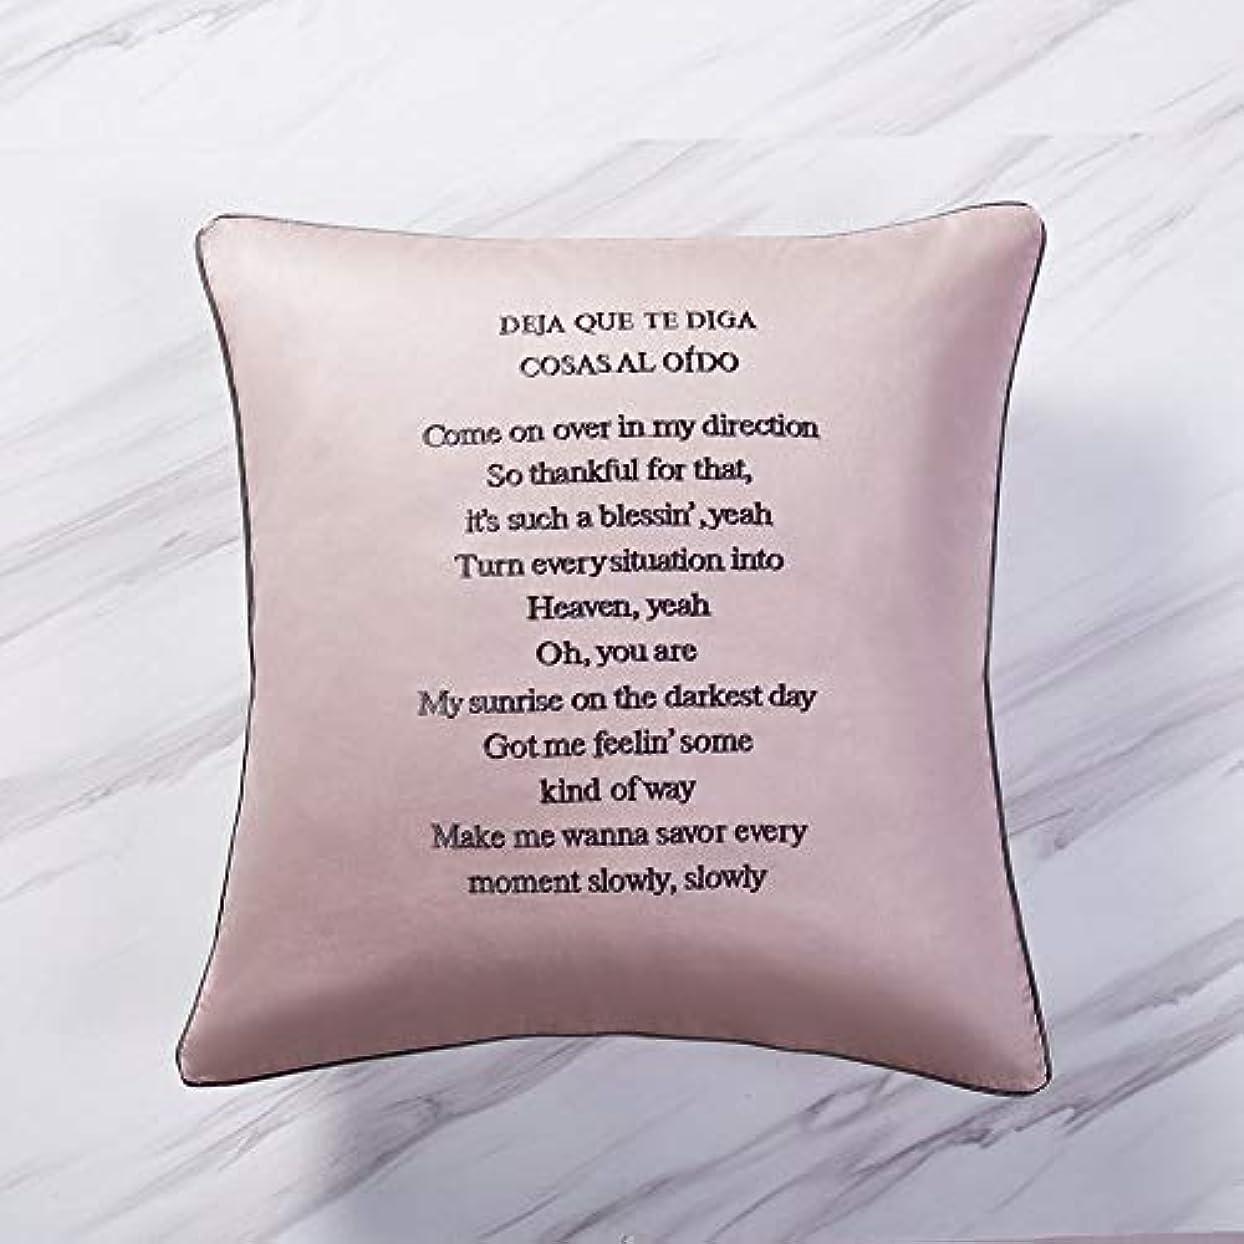 憲法レタッチ背景枕 ロングステープルコットン刺繍入りレターピローコットンソファーベッドbyウエストクッションピローケース付きコア (色 : Cream powder, Size : 45*45cm)